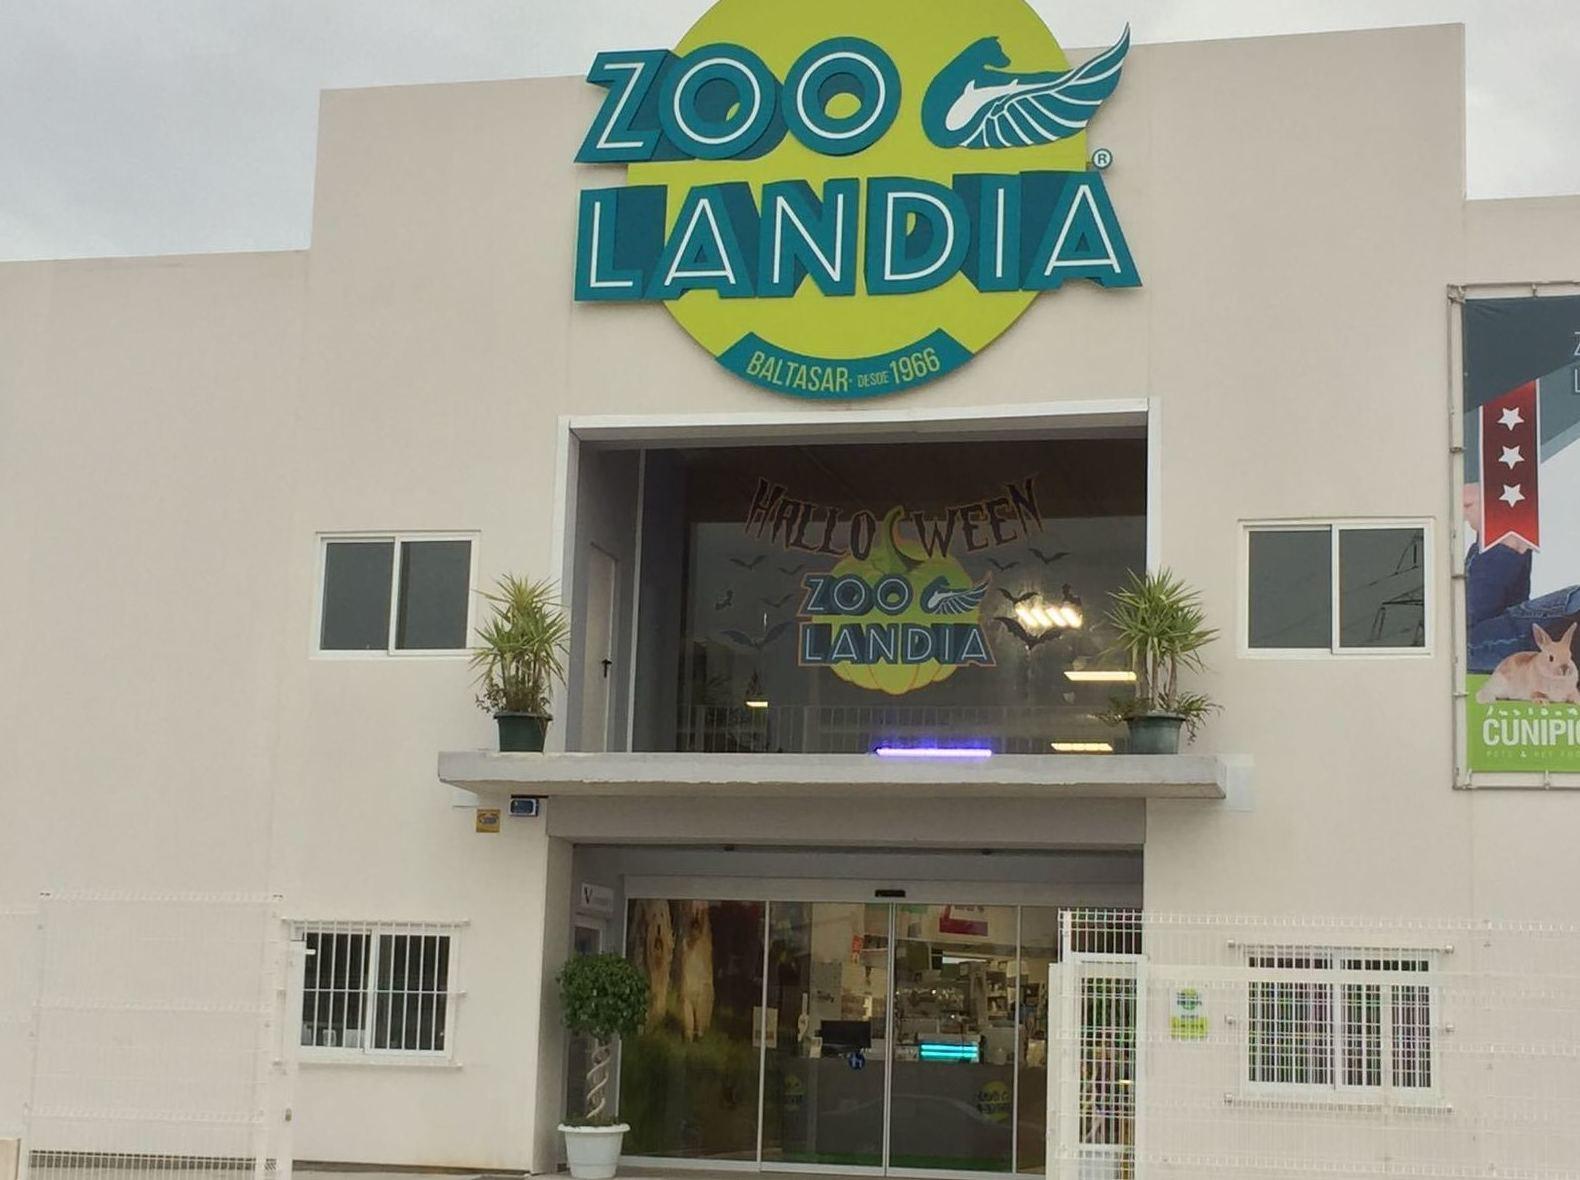 Tienda de animales en San Antonio de Benageber